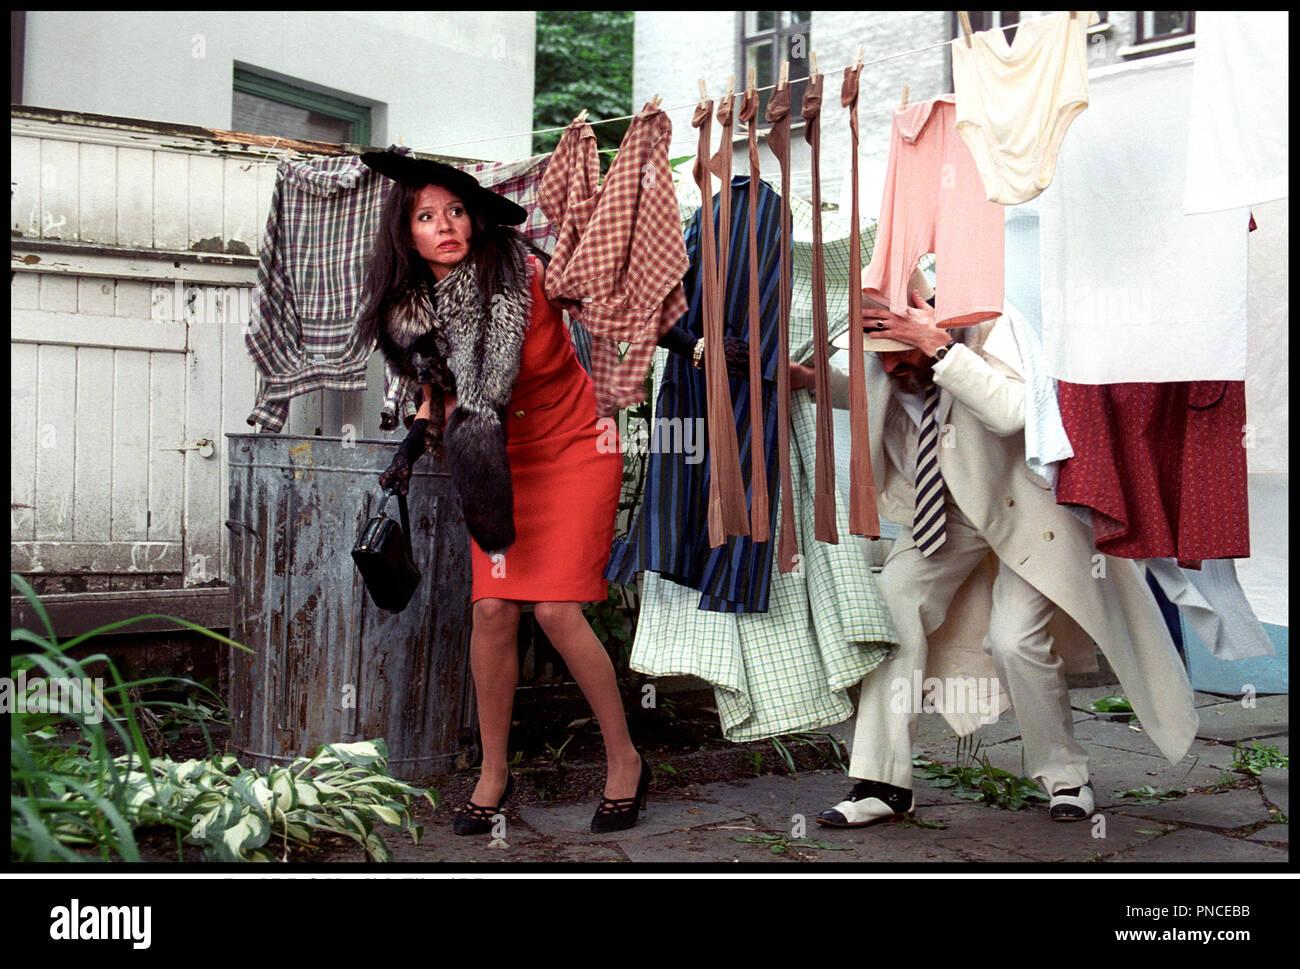 Prod DB © Nordisk Film / DR LE GANG DES JUNIORS (OLSEN BANDEN JUNIOR) de Peter Flinth 2000 DAN avec Finn Schau et Hege Sch¿yen etendre son linge, decalage, perdus Stock Photo